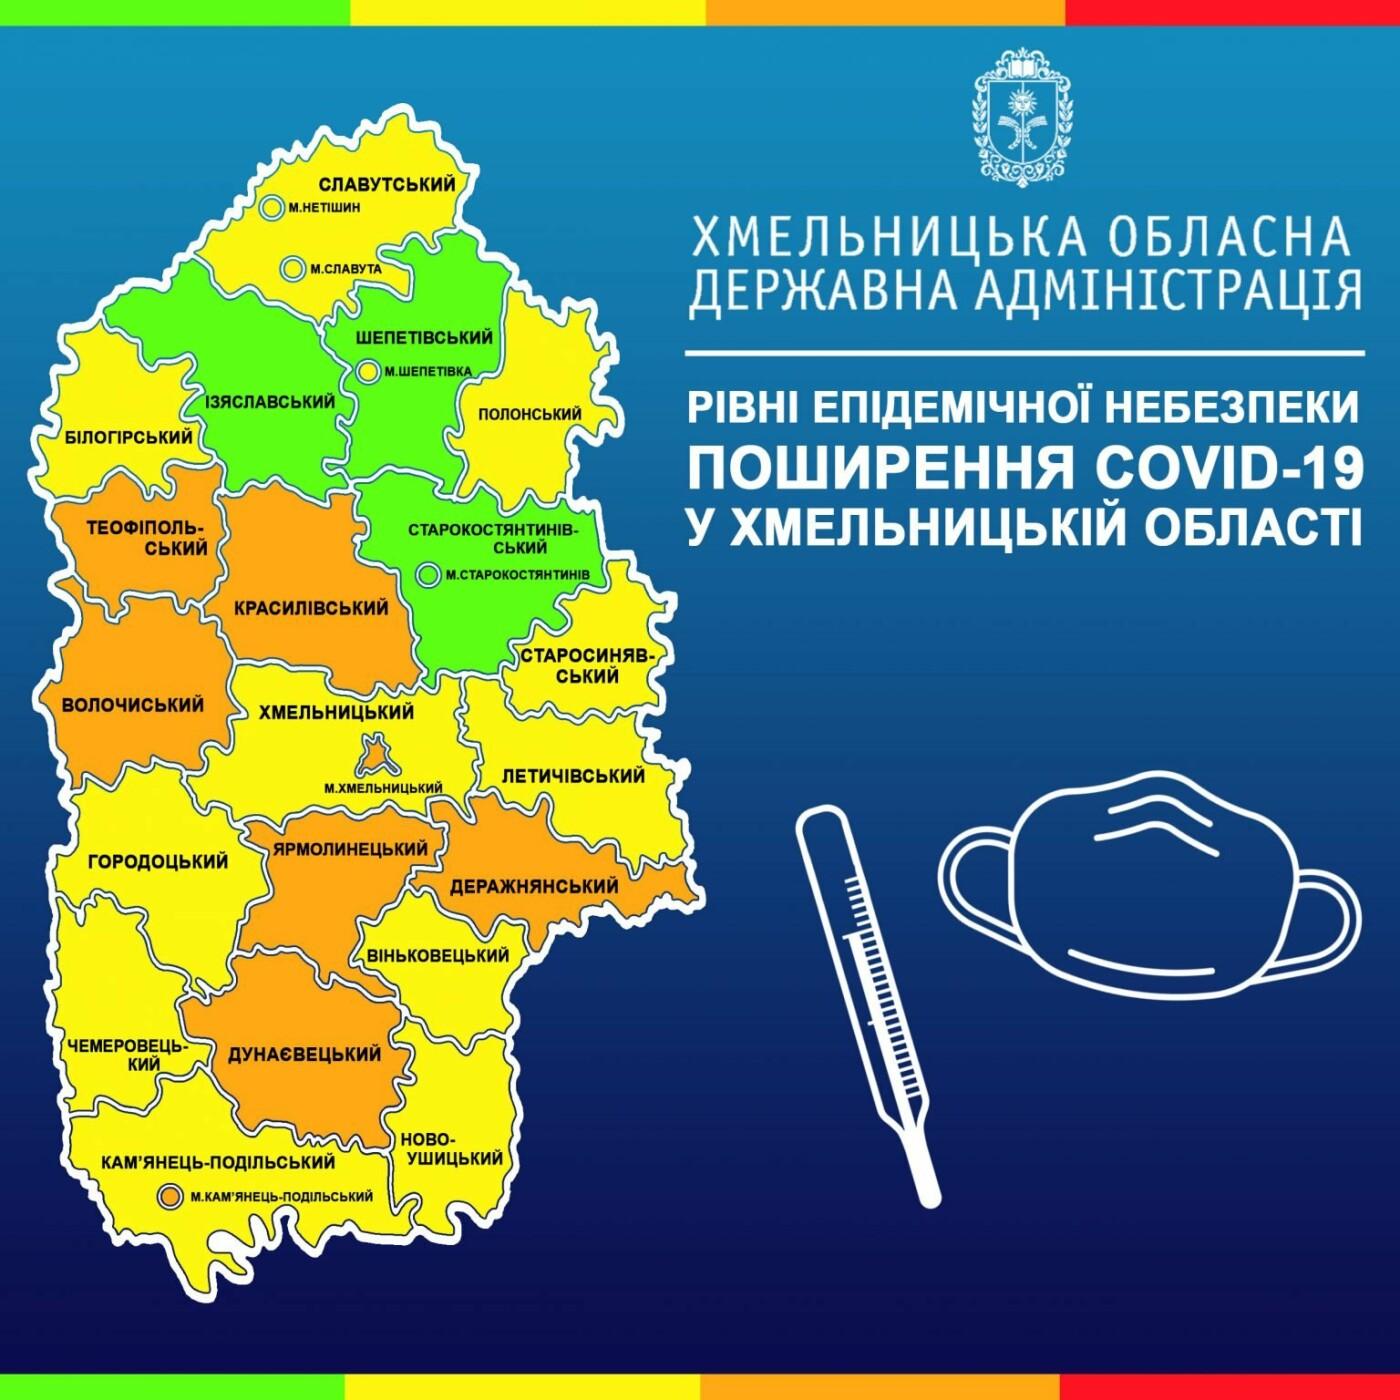 Новий розподіл рівнів епідемічної небезпеки: Куди віднесли Кам'янець-Подільський та район, фото-1